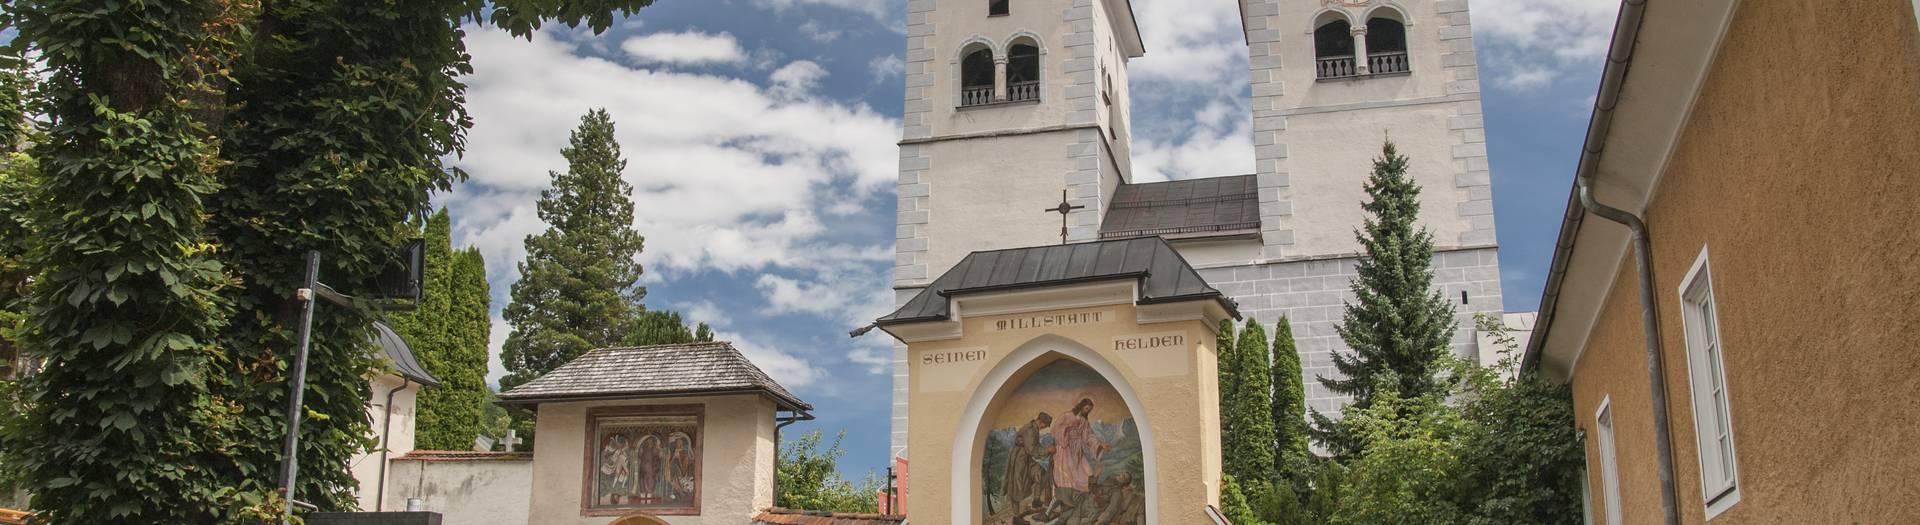 Stift Millstatt in Millstatt am Millstätter See